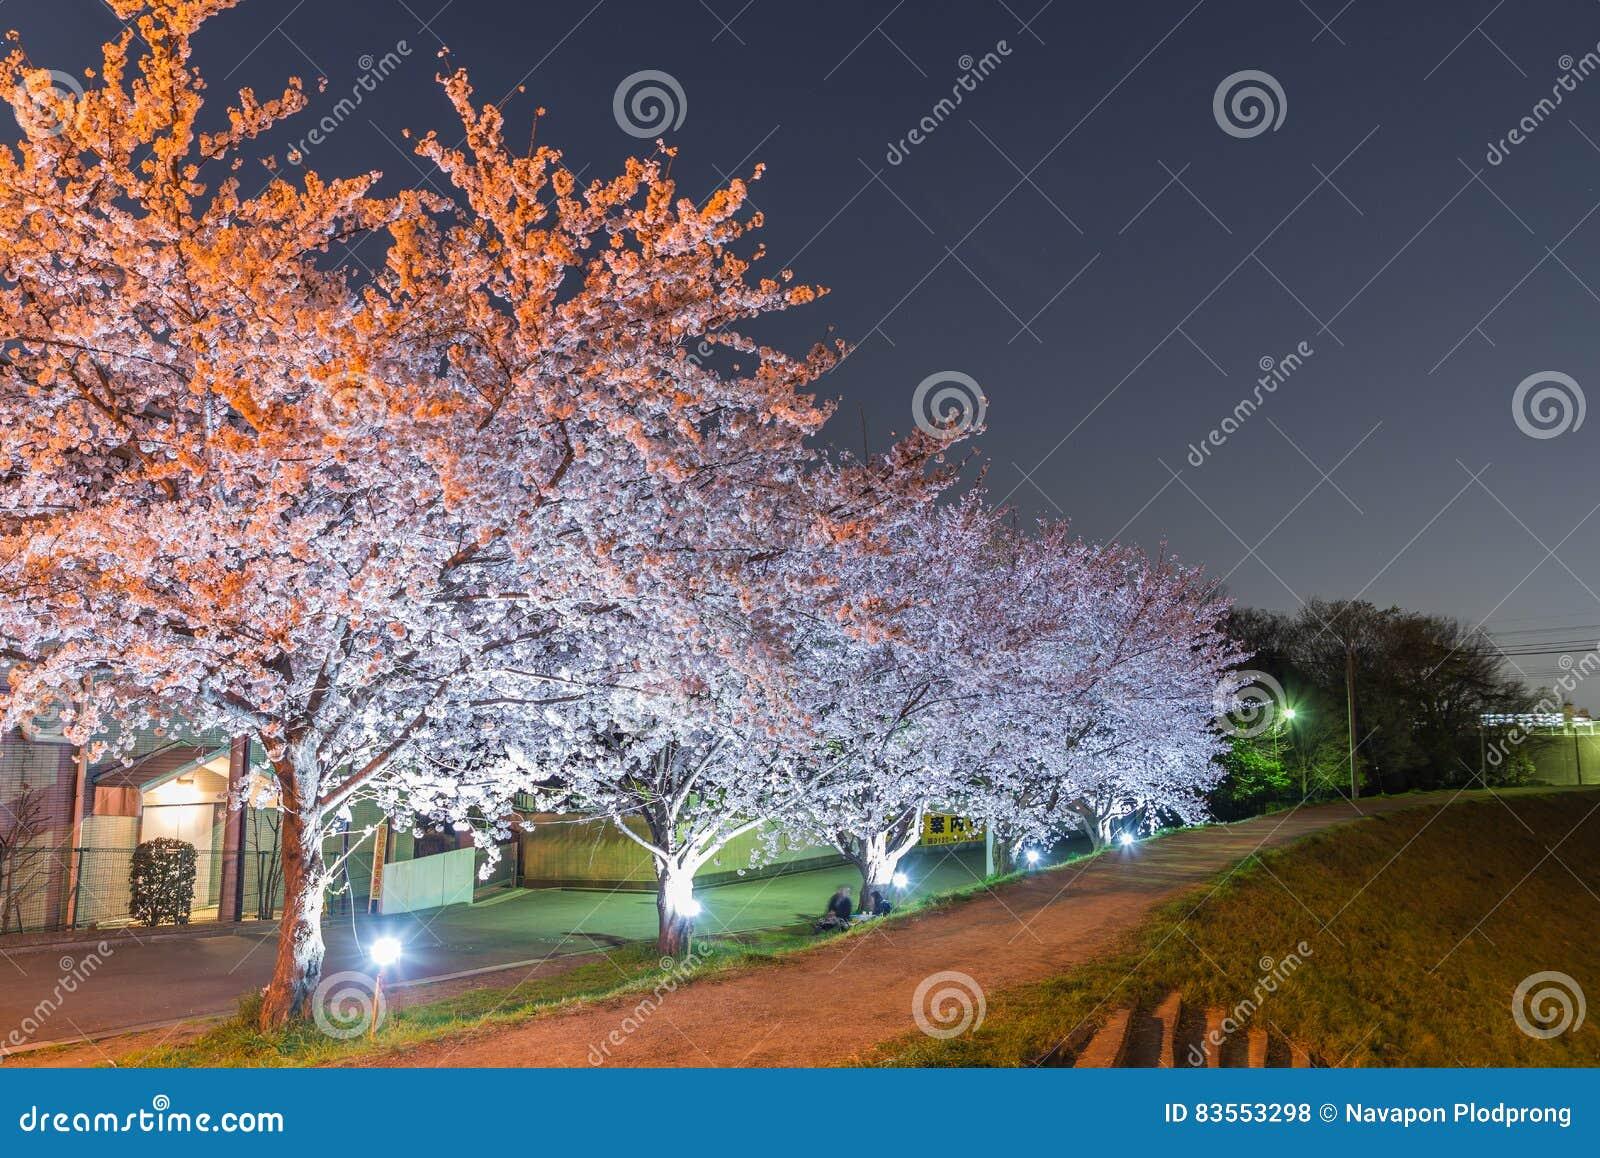 Flores de cerezo en la noche